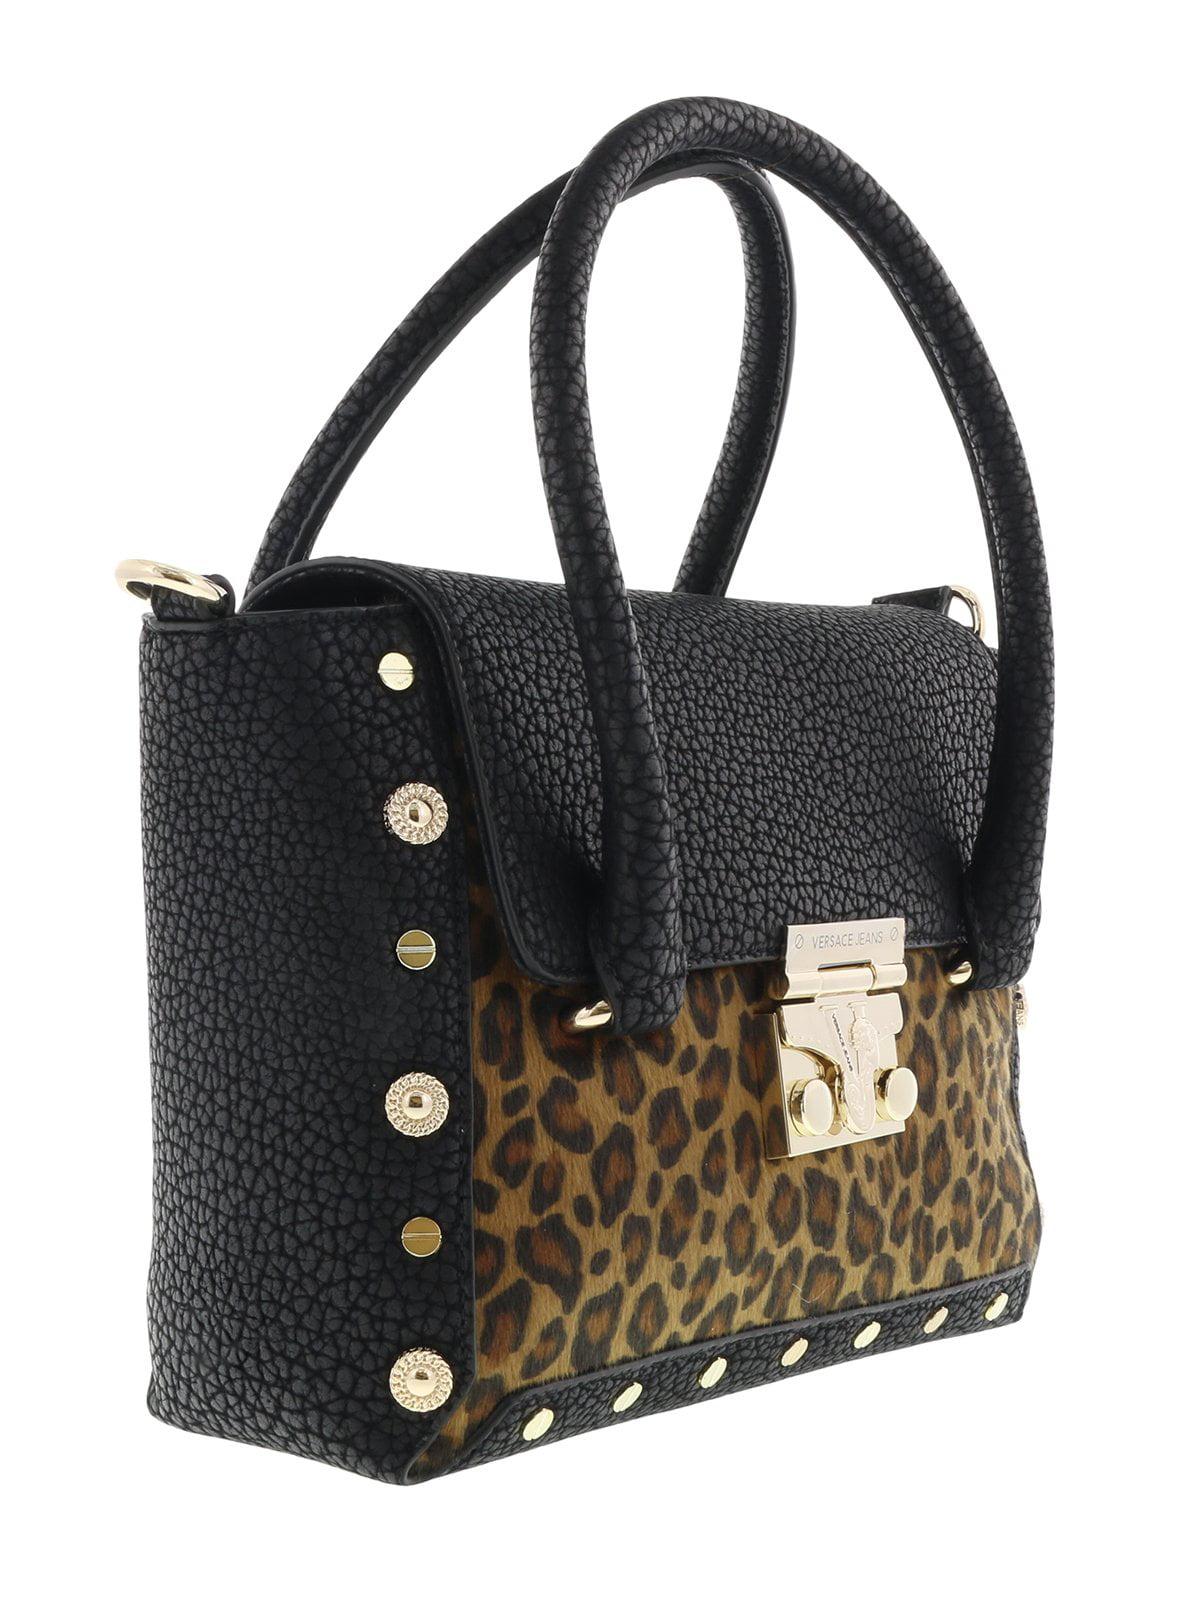 8f232e45bdcb Versace EE1VQBBM4 EMHX Black Leopard Satchel Bag - Walmart.com